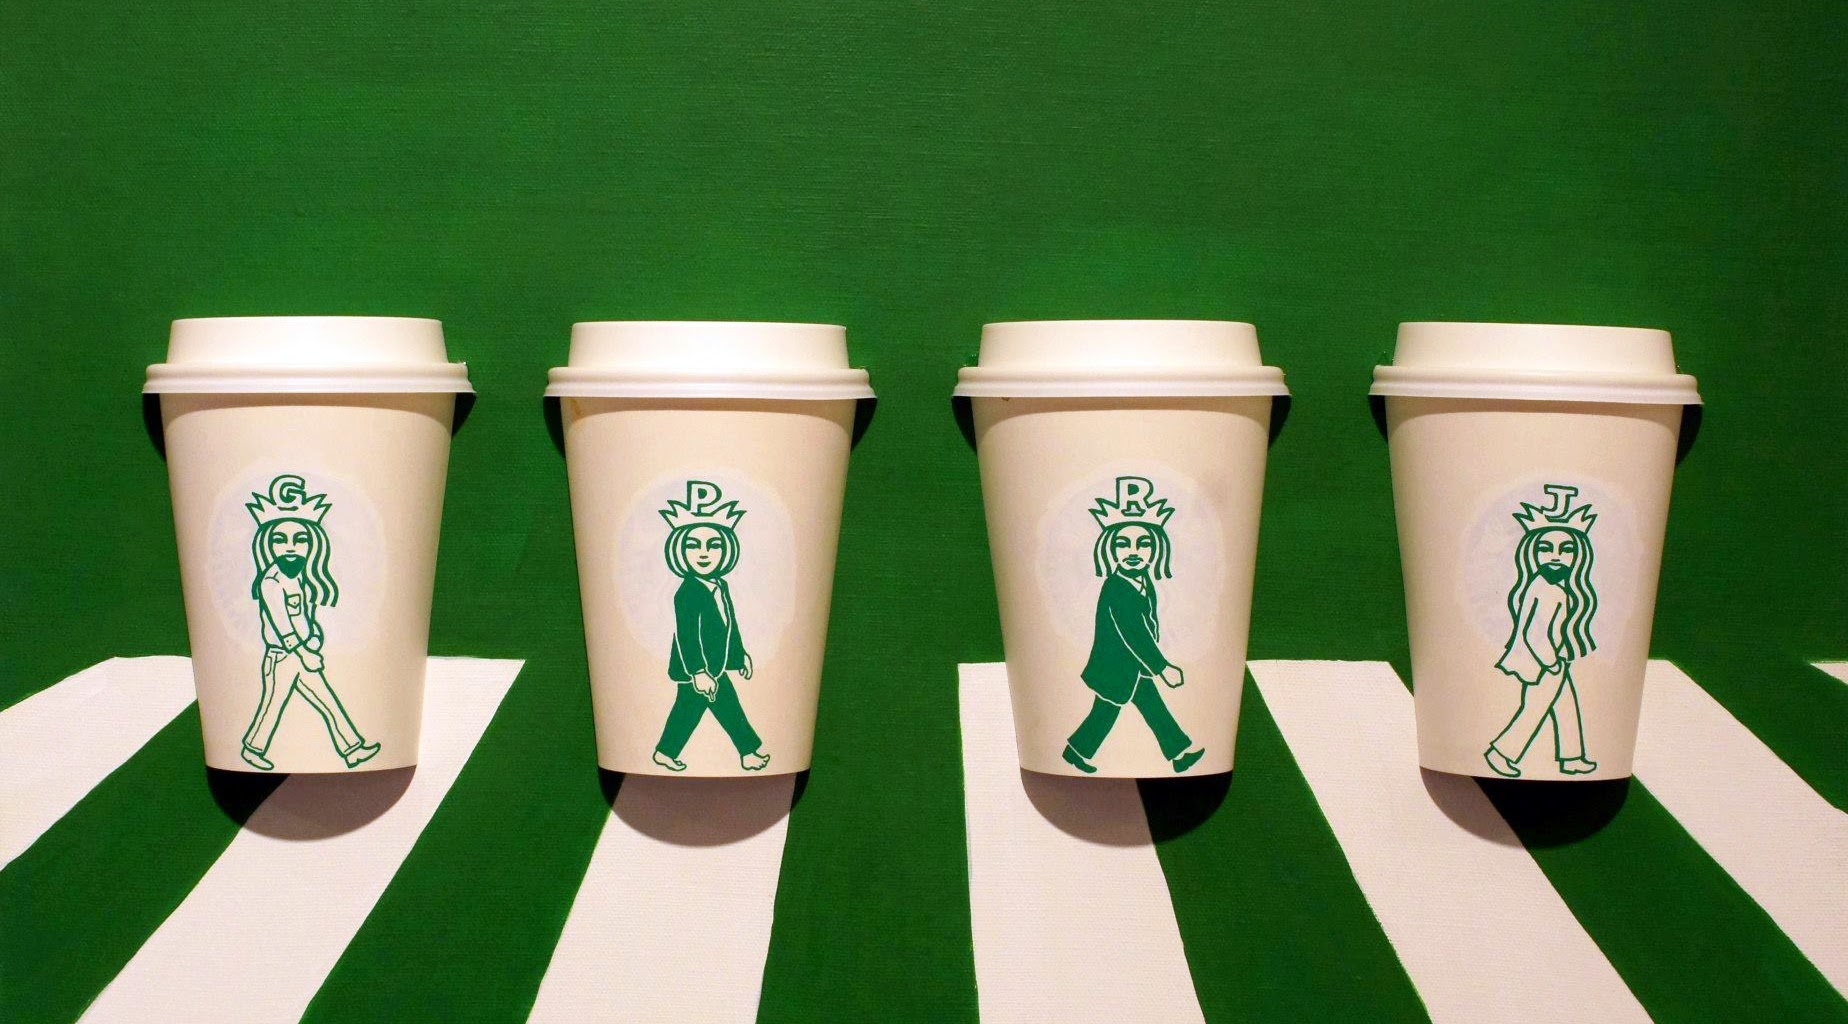 starbucks-cups-doodles-soo-min-kim-raw